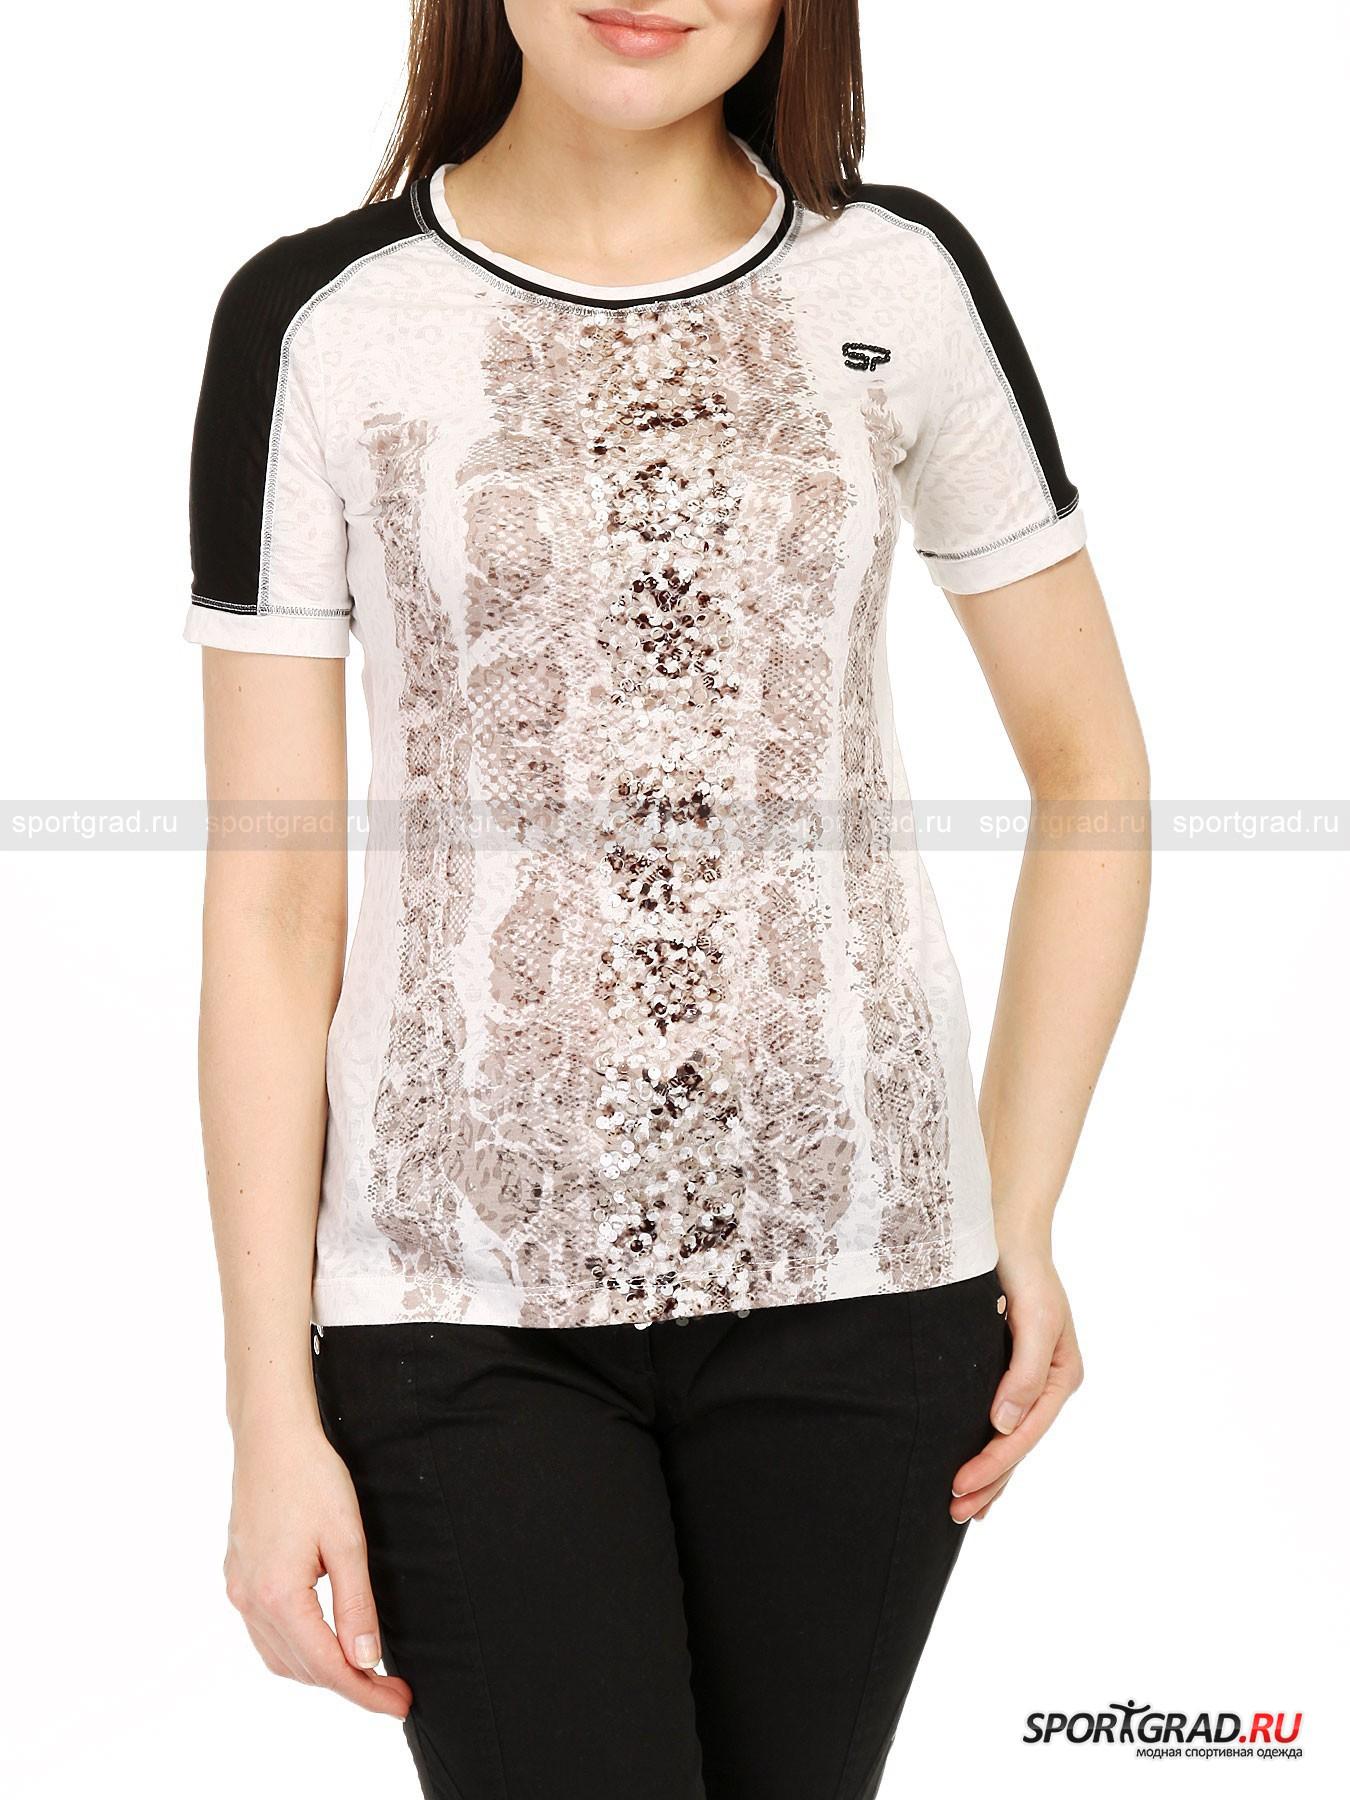 Футболка женская Panyin SPORTALMФутболки<br>Гламурная женская футболка Panyin SPORTALM подойдет девушкам, предпочитающим красивую и удобную одежду в обычной жизни. Модель создана из высококачественного, очень лёгкого, приятного на ощупь материала, отделана спереди принтом, имитирующим змеиную кожу, и декорирована несколькими рядами глянцевых пайеток – выглядит очень эффектно. Рукава футболки украшены вставками из чёрного полупрозрачного материала, что придаёт изделию спортивный вид.<br><br>Пол: Женский<br>Возраст: Взрослый<br>Тип: Футболки<br>Состав: основной материал: 67% полиэфир, 33% вискоза, вставки на рукавах: 100% полиэфир.